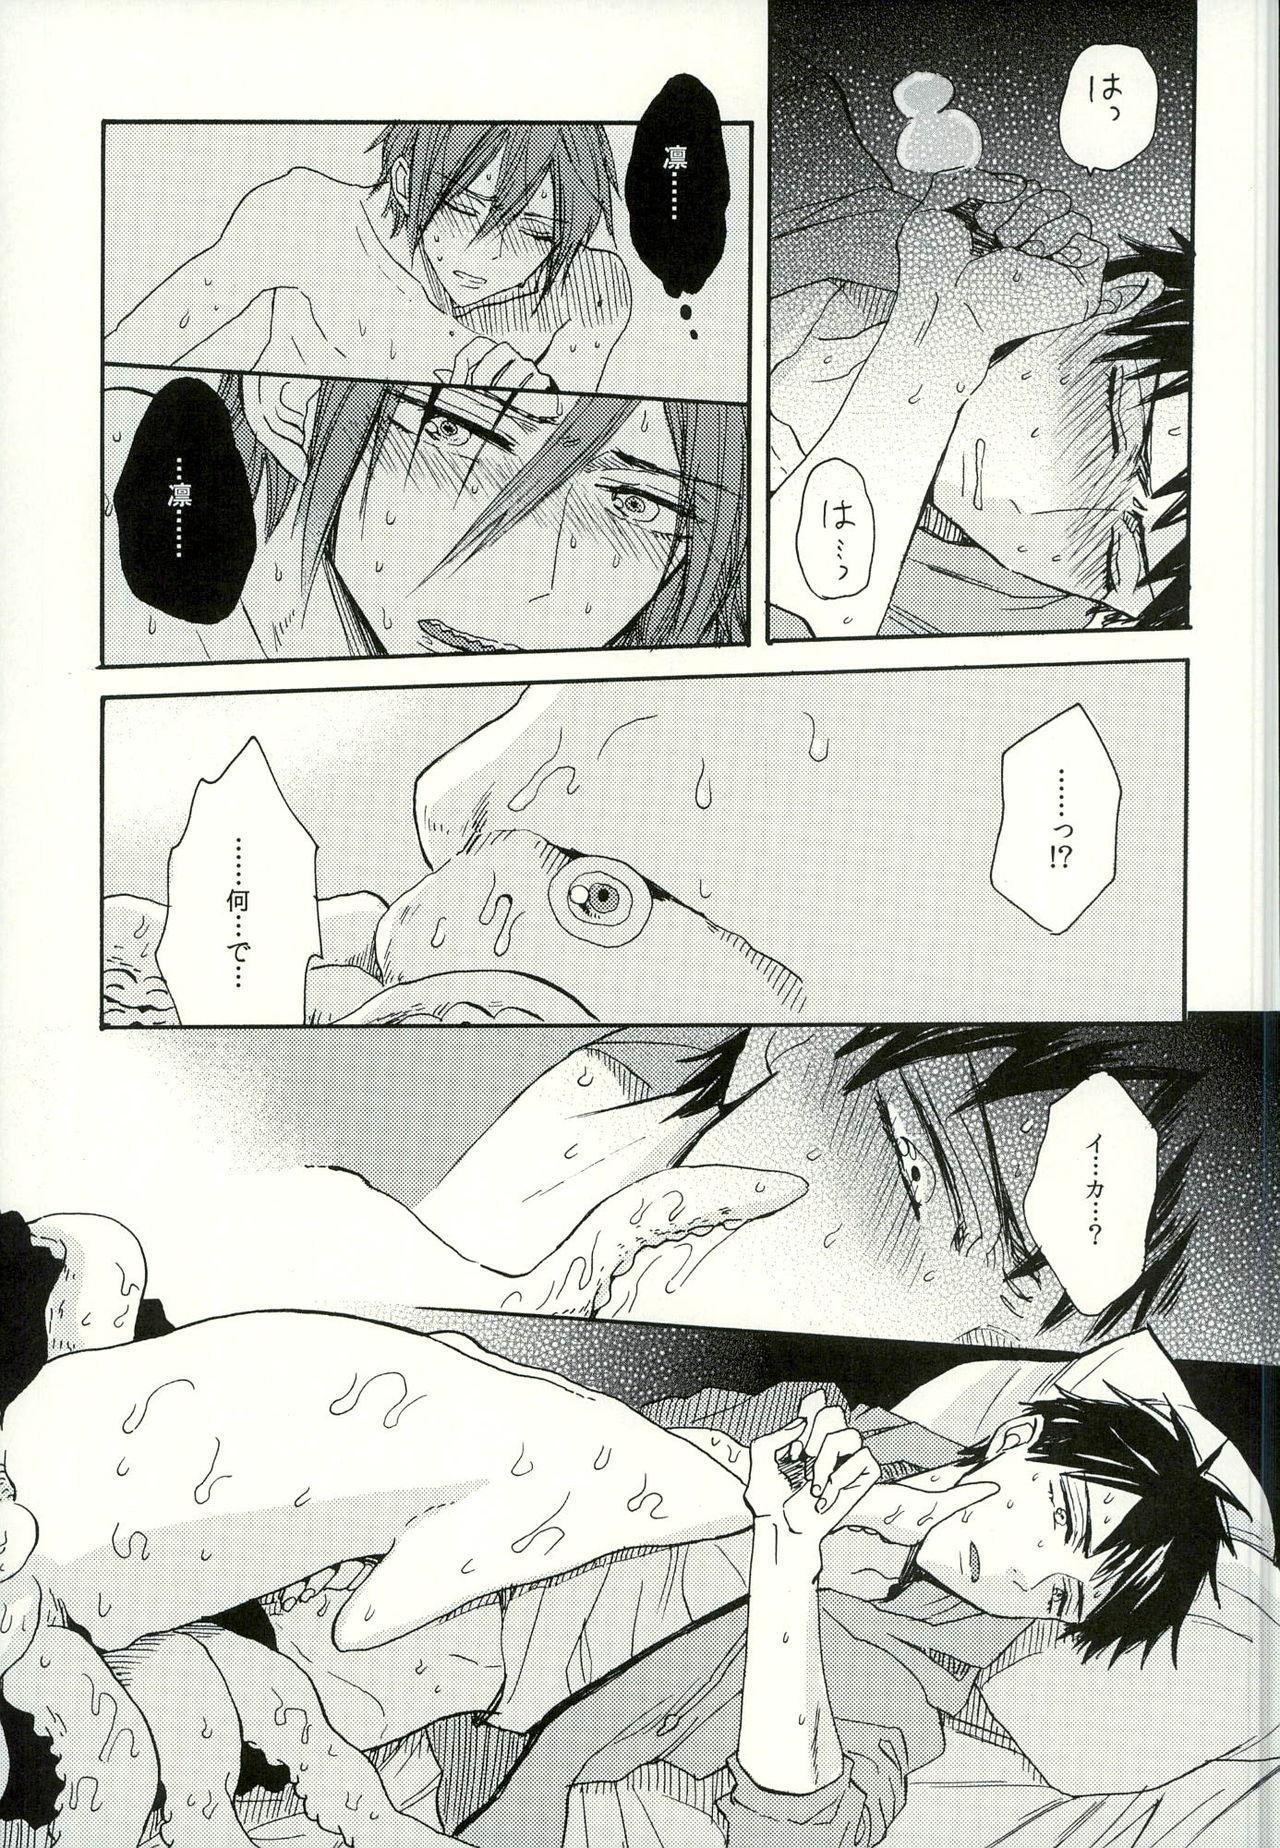 (SUPERKansai20) [hn (Pirori)] Sou-chan Jana-ika!? (Free!) 7